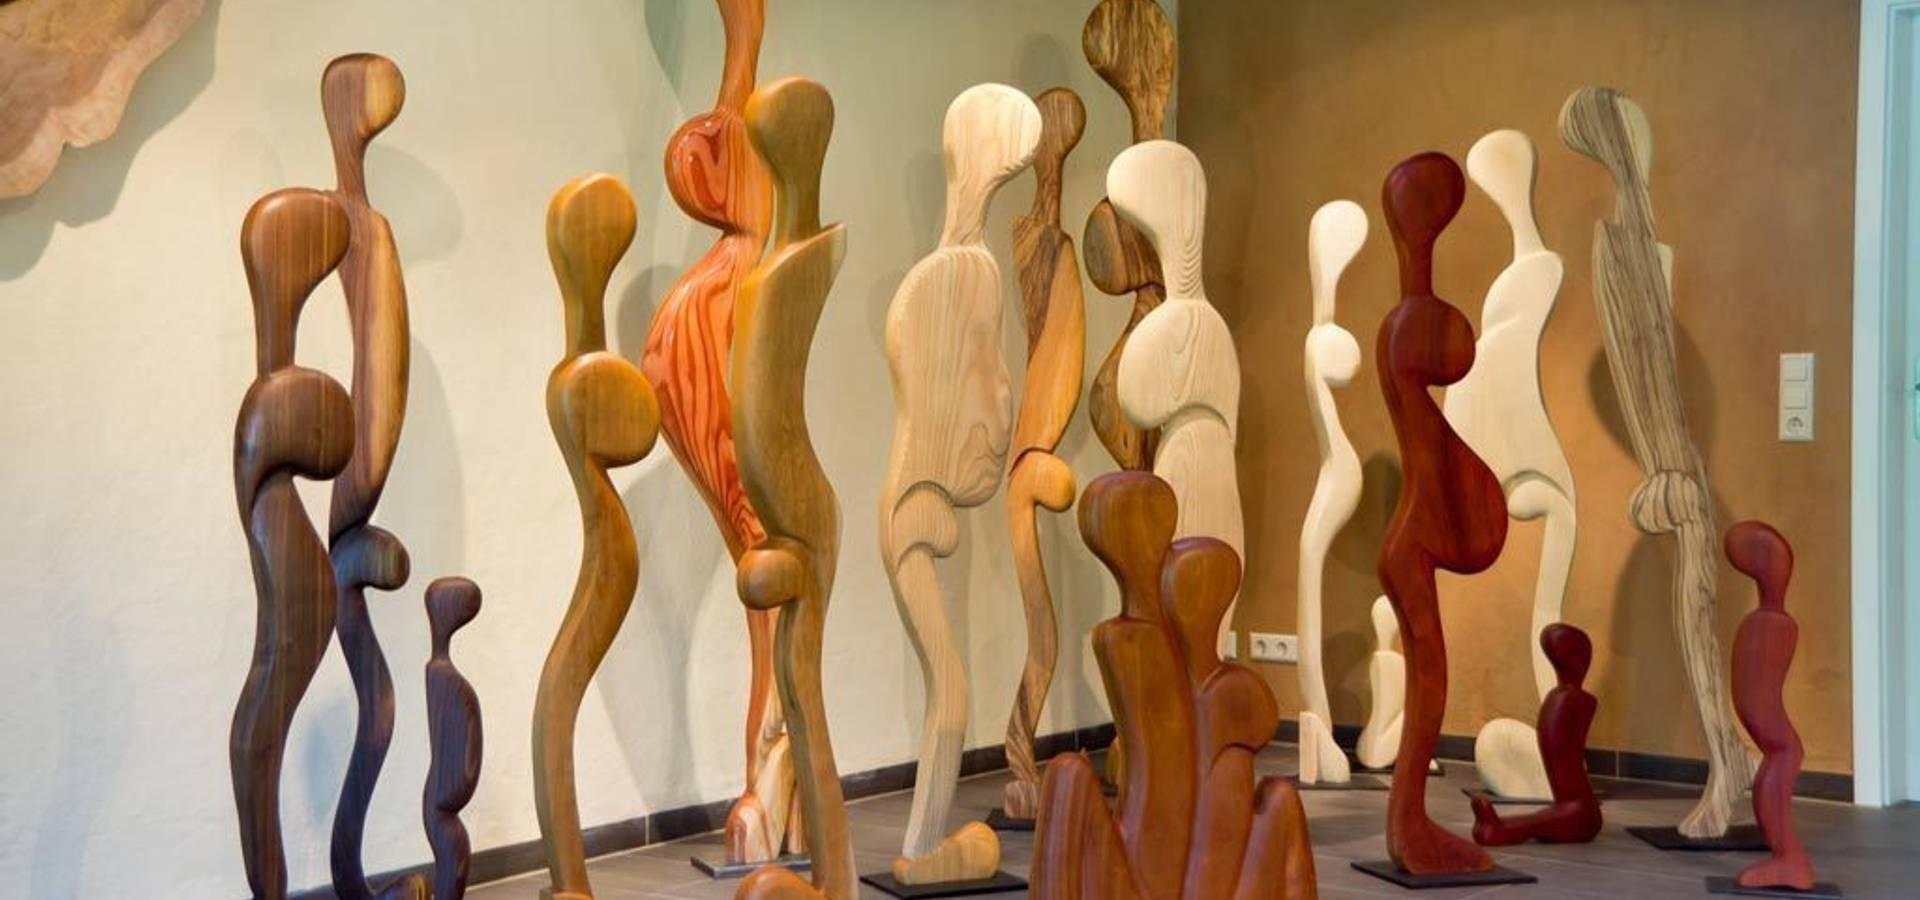 Der Holzkünstler Thomas Schwarz